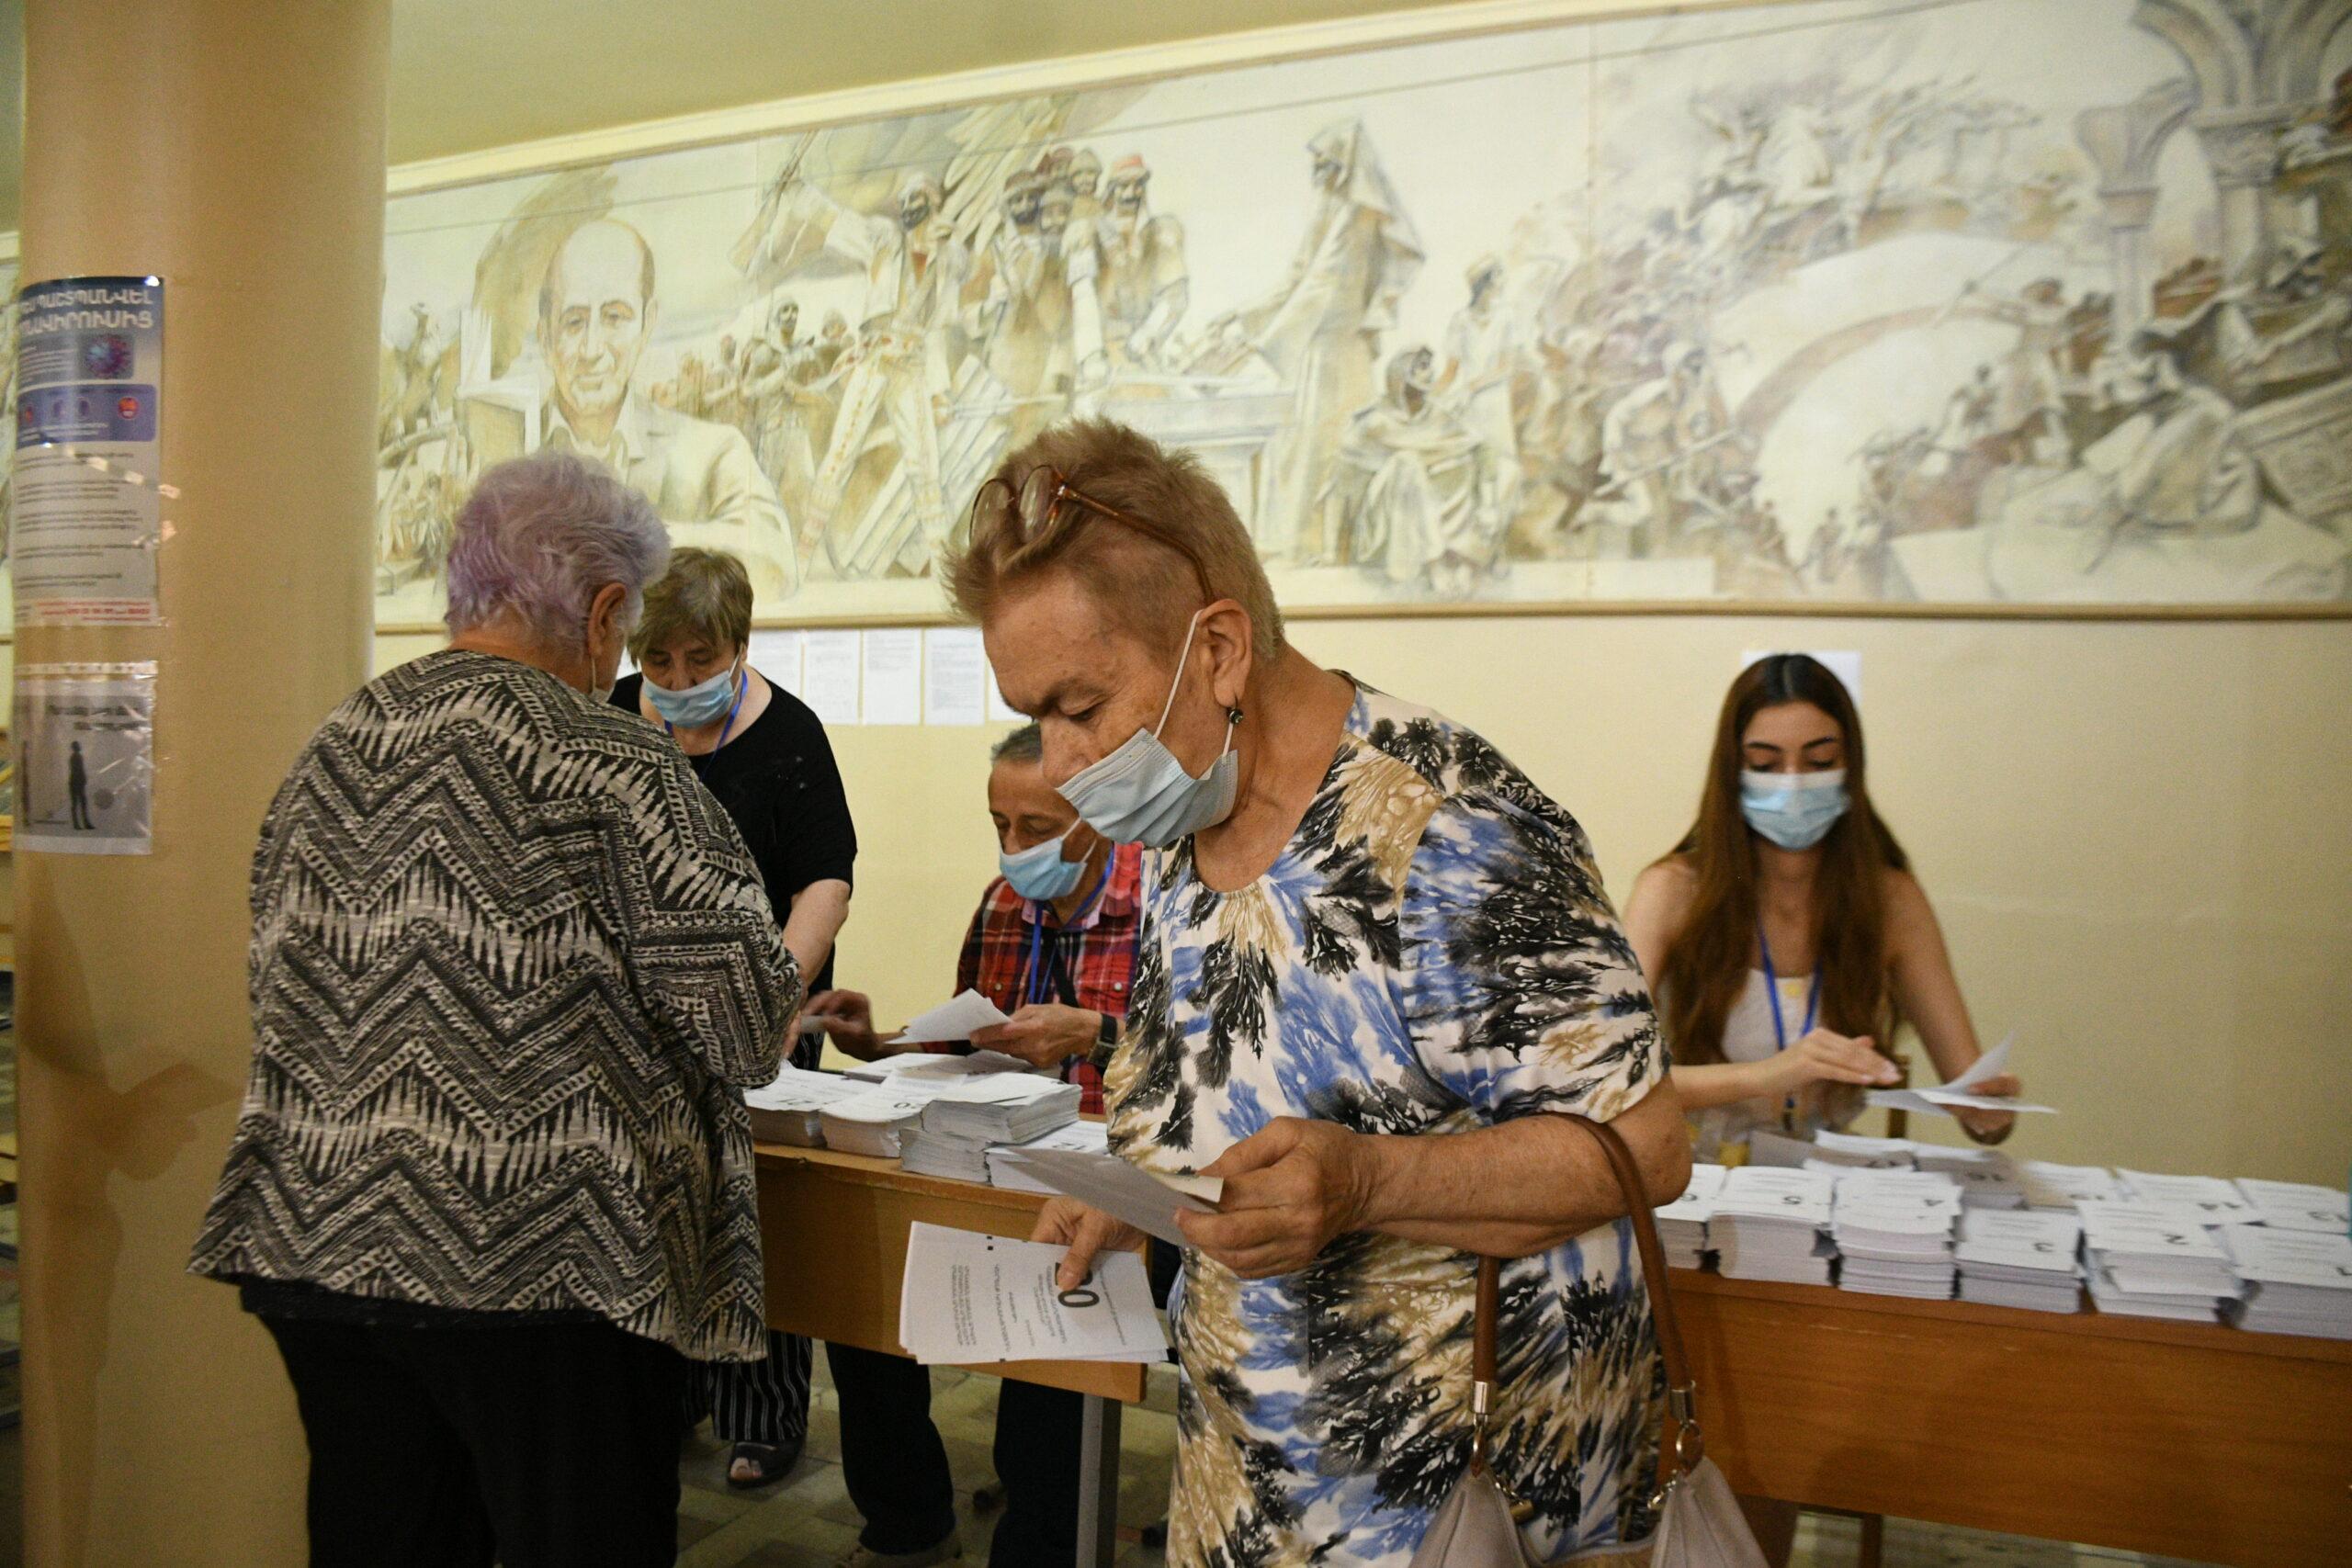 ვადამდელი საპარლამენტო არჩევნები სომხეთში; ფოტო: ნარეკ ალექსანიანი/ნეტგაზეთი, 20 ივნისი, 2021